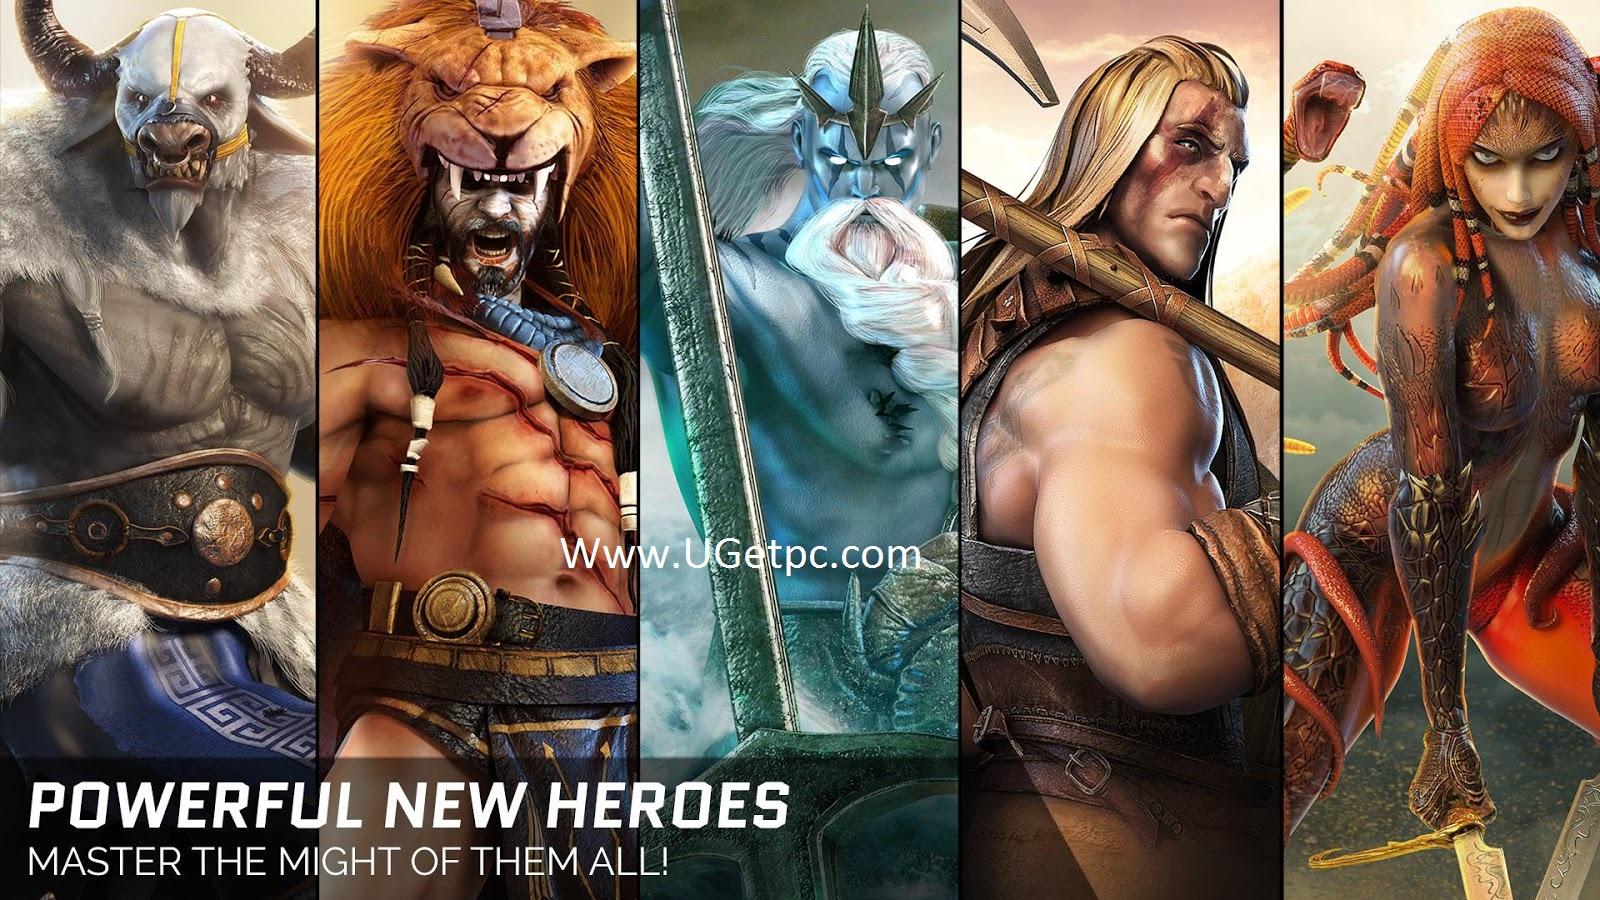 Gods-of-Rome-Heros-UGetpc